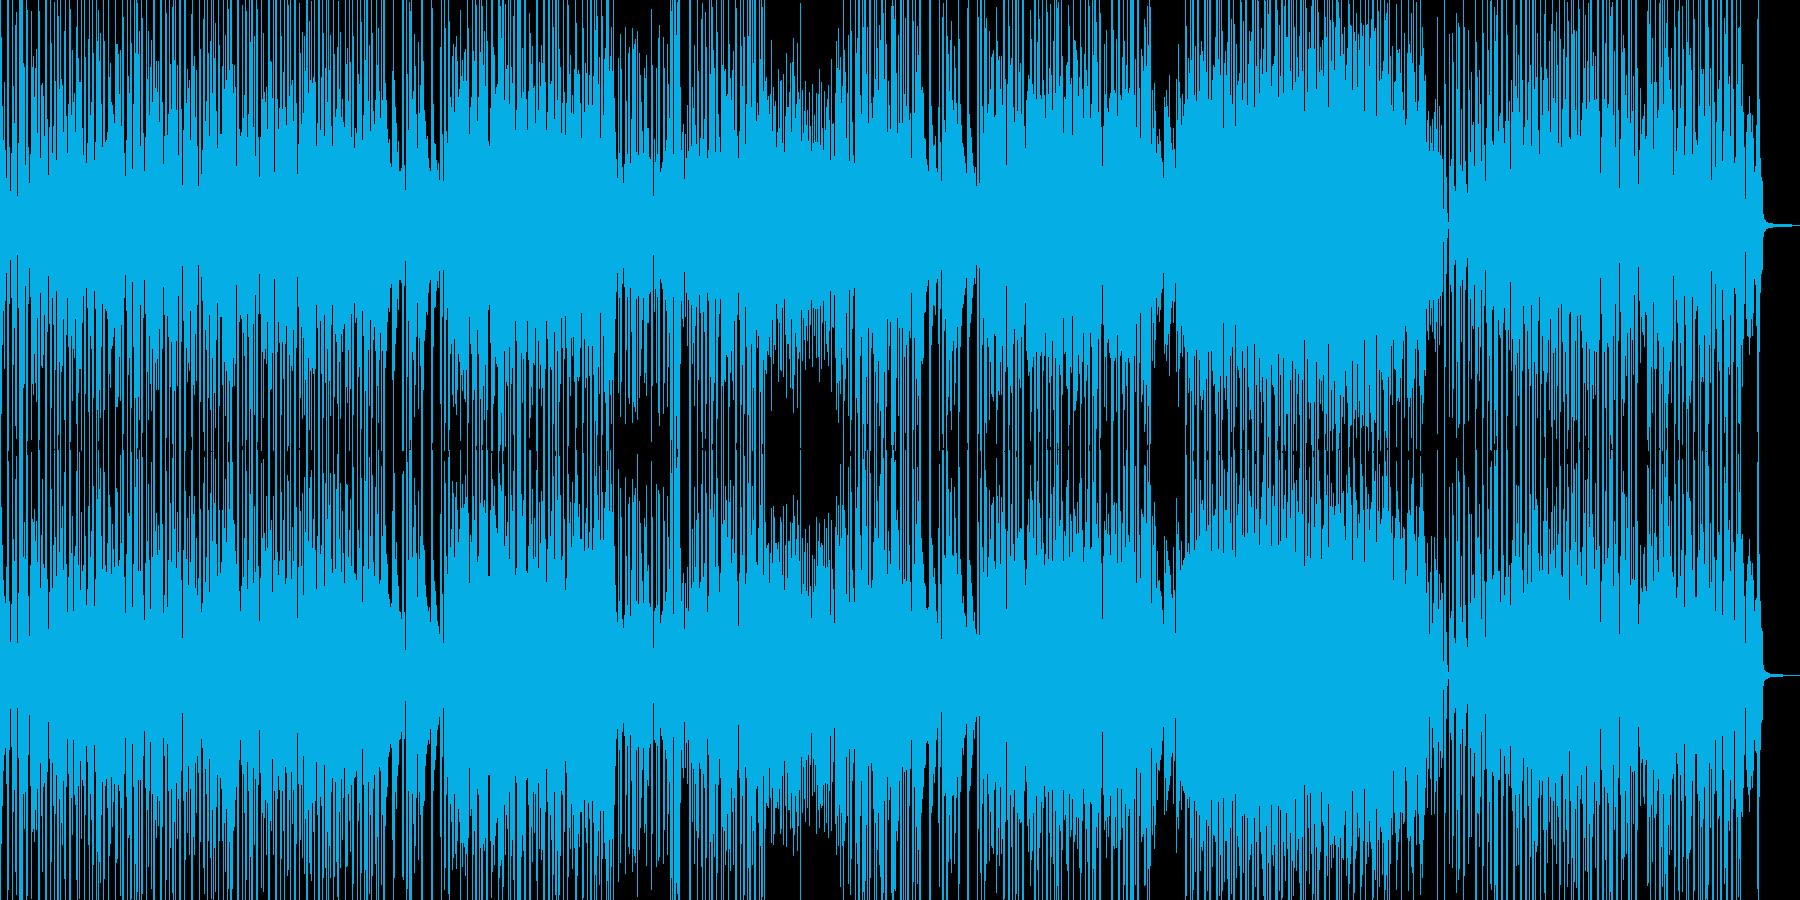 お笑い冒険活劇・オシャレ三味線ファンクAの再生済みの波形